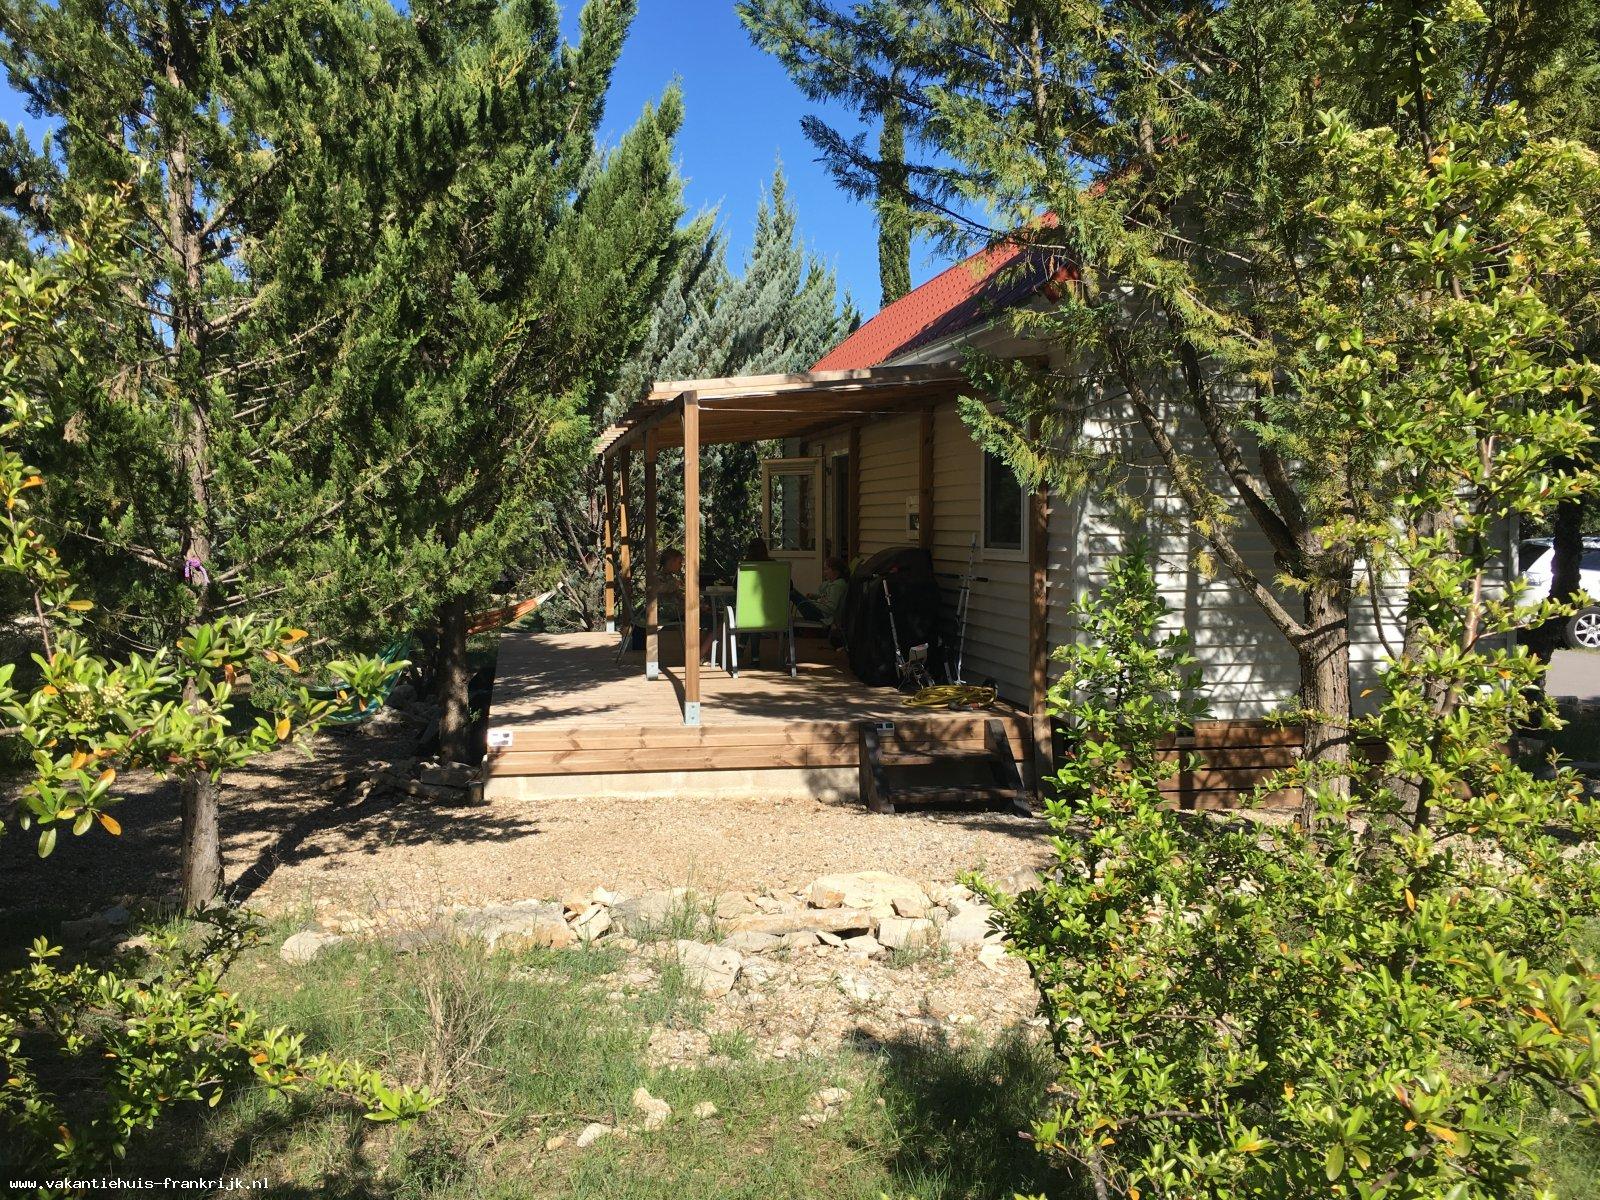 Vakantiehuis: Comfortabel luxe (nieuw) chalet met airco en heerlijke tuin op een (Nederlands) vakantiepark in Zuid-Frankrijk te huur voor uw vakantie in Herault (Frankrijk)